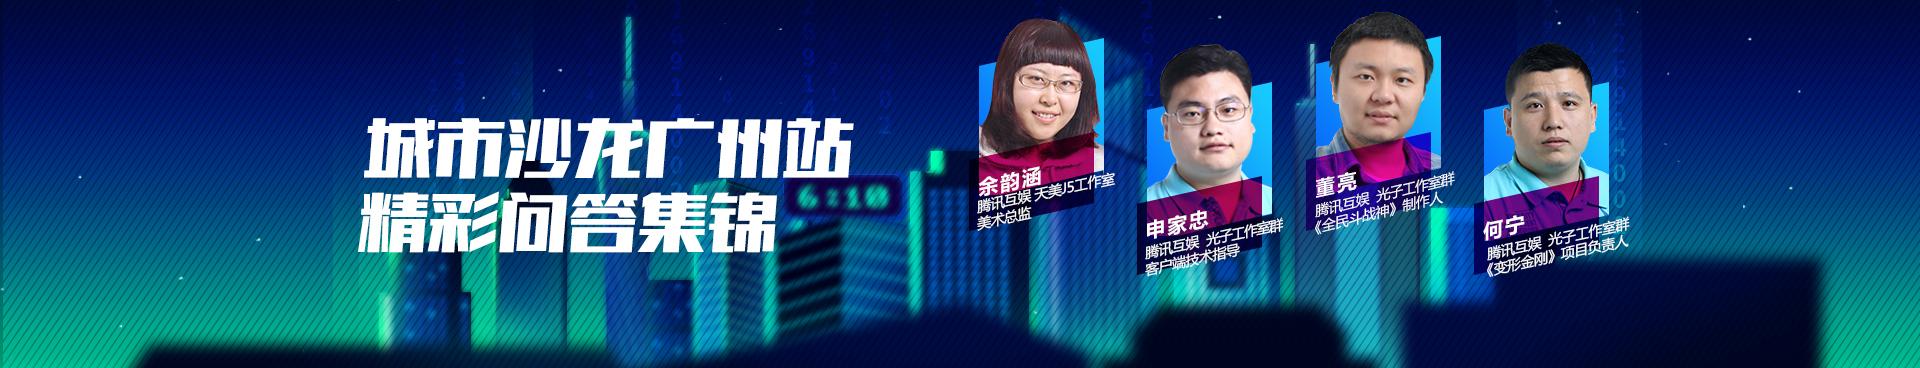 城市沙龙广州站精彩问答集锦